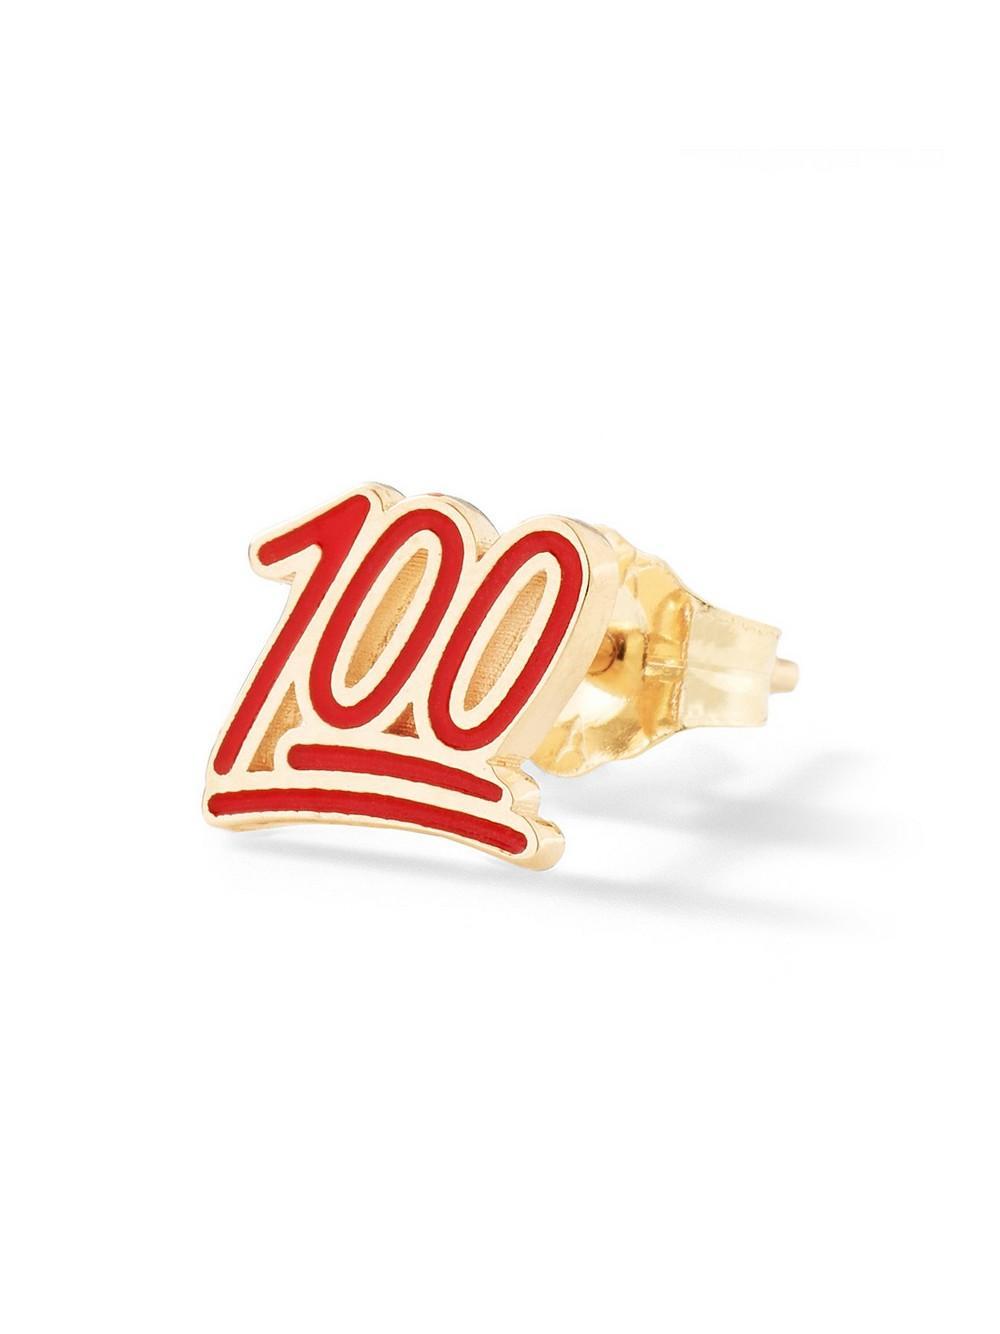 100 Stud